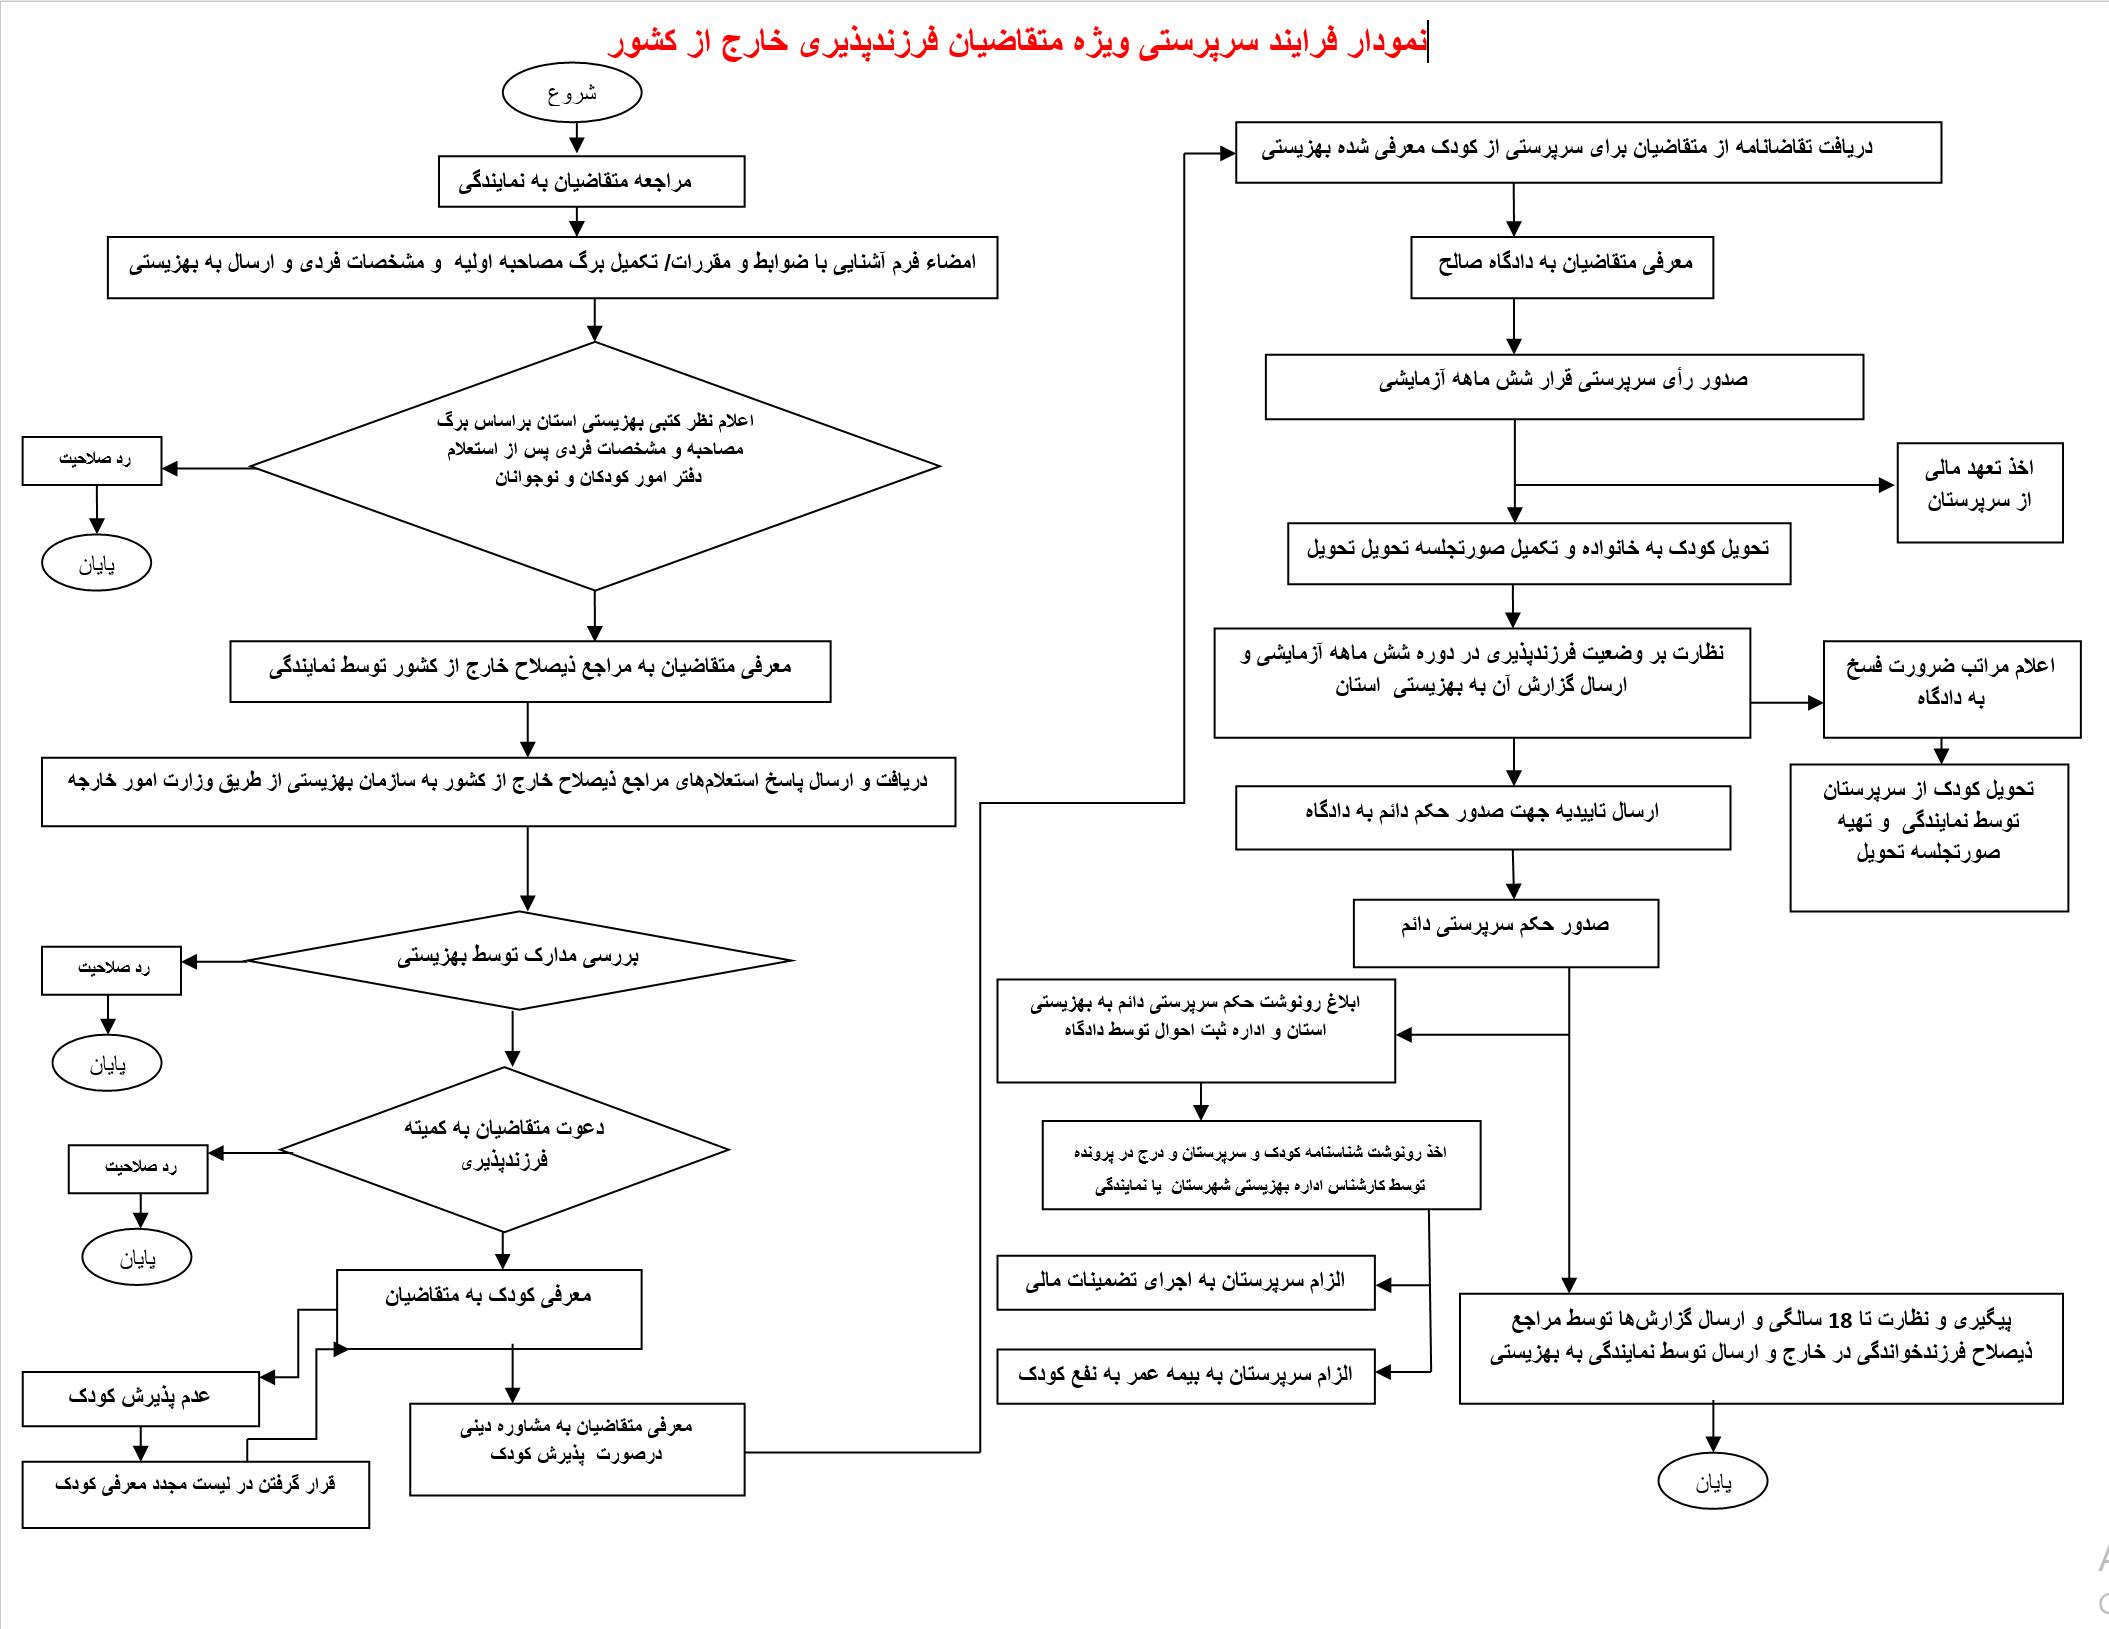 فرایند پذیرش ایرانیان خارج از کشور